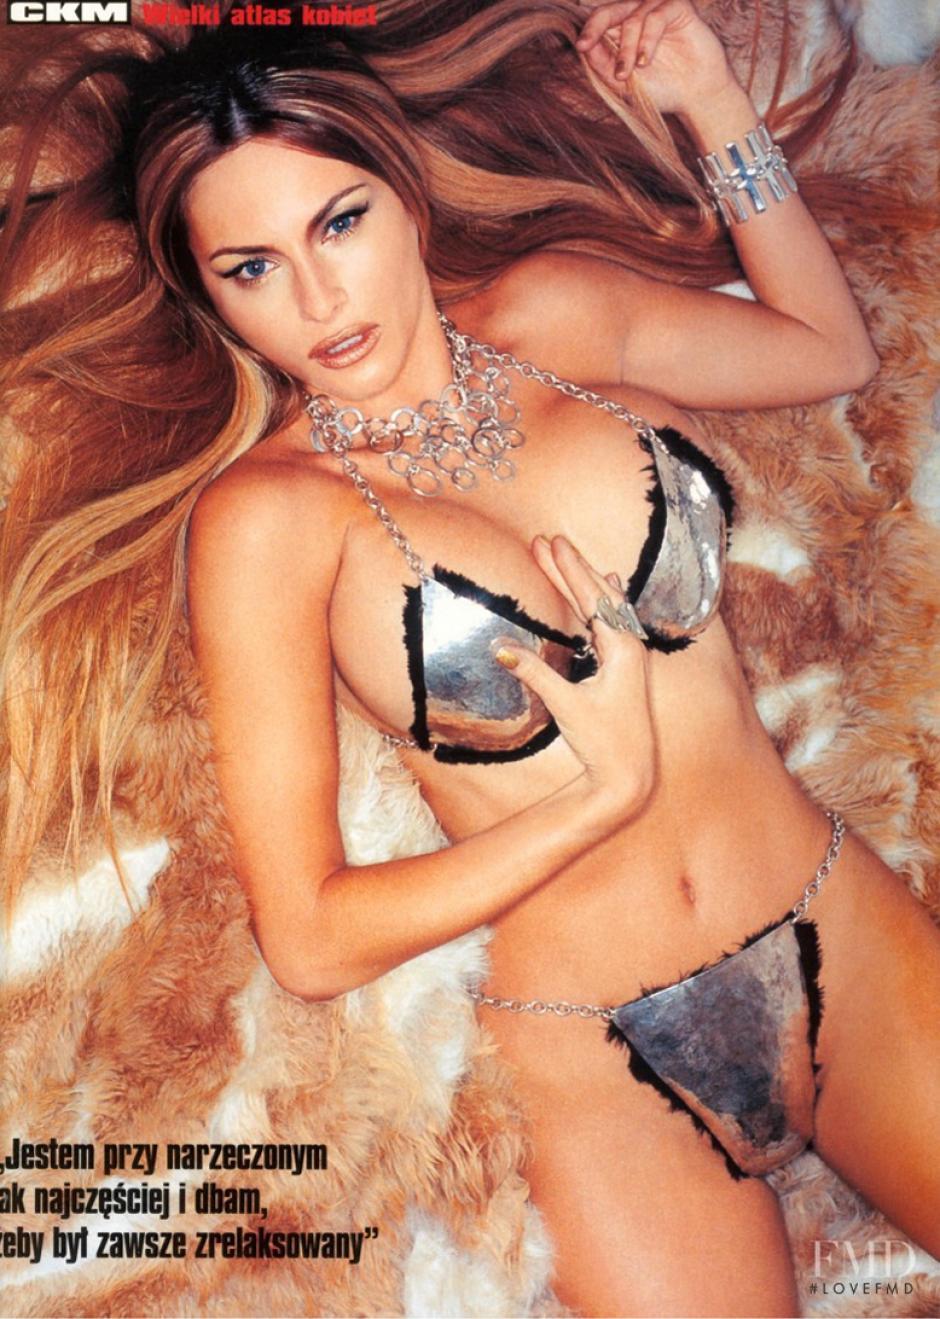 Las curvas de Melania Trump han causado revuelo en Estdos Unidos. (Foto: Melania Trump)